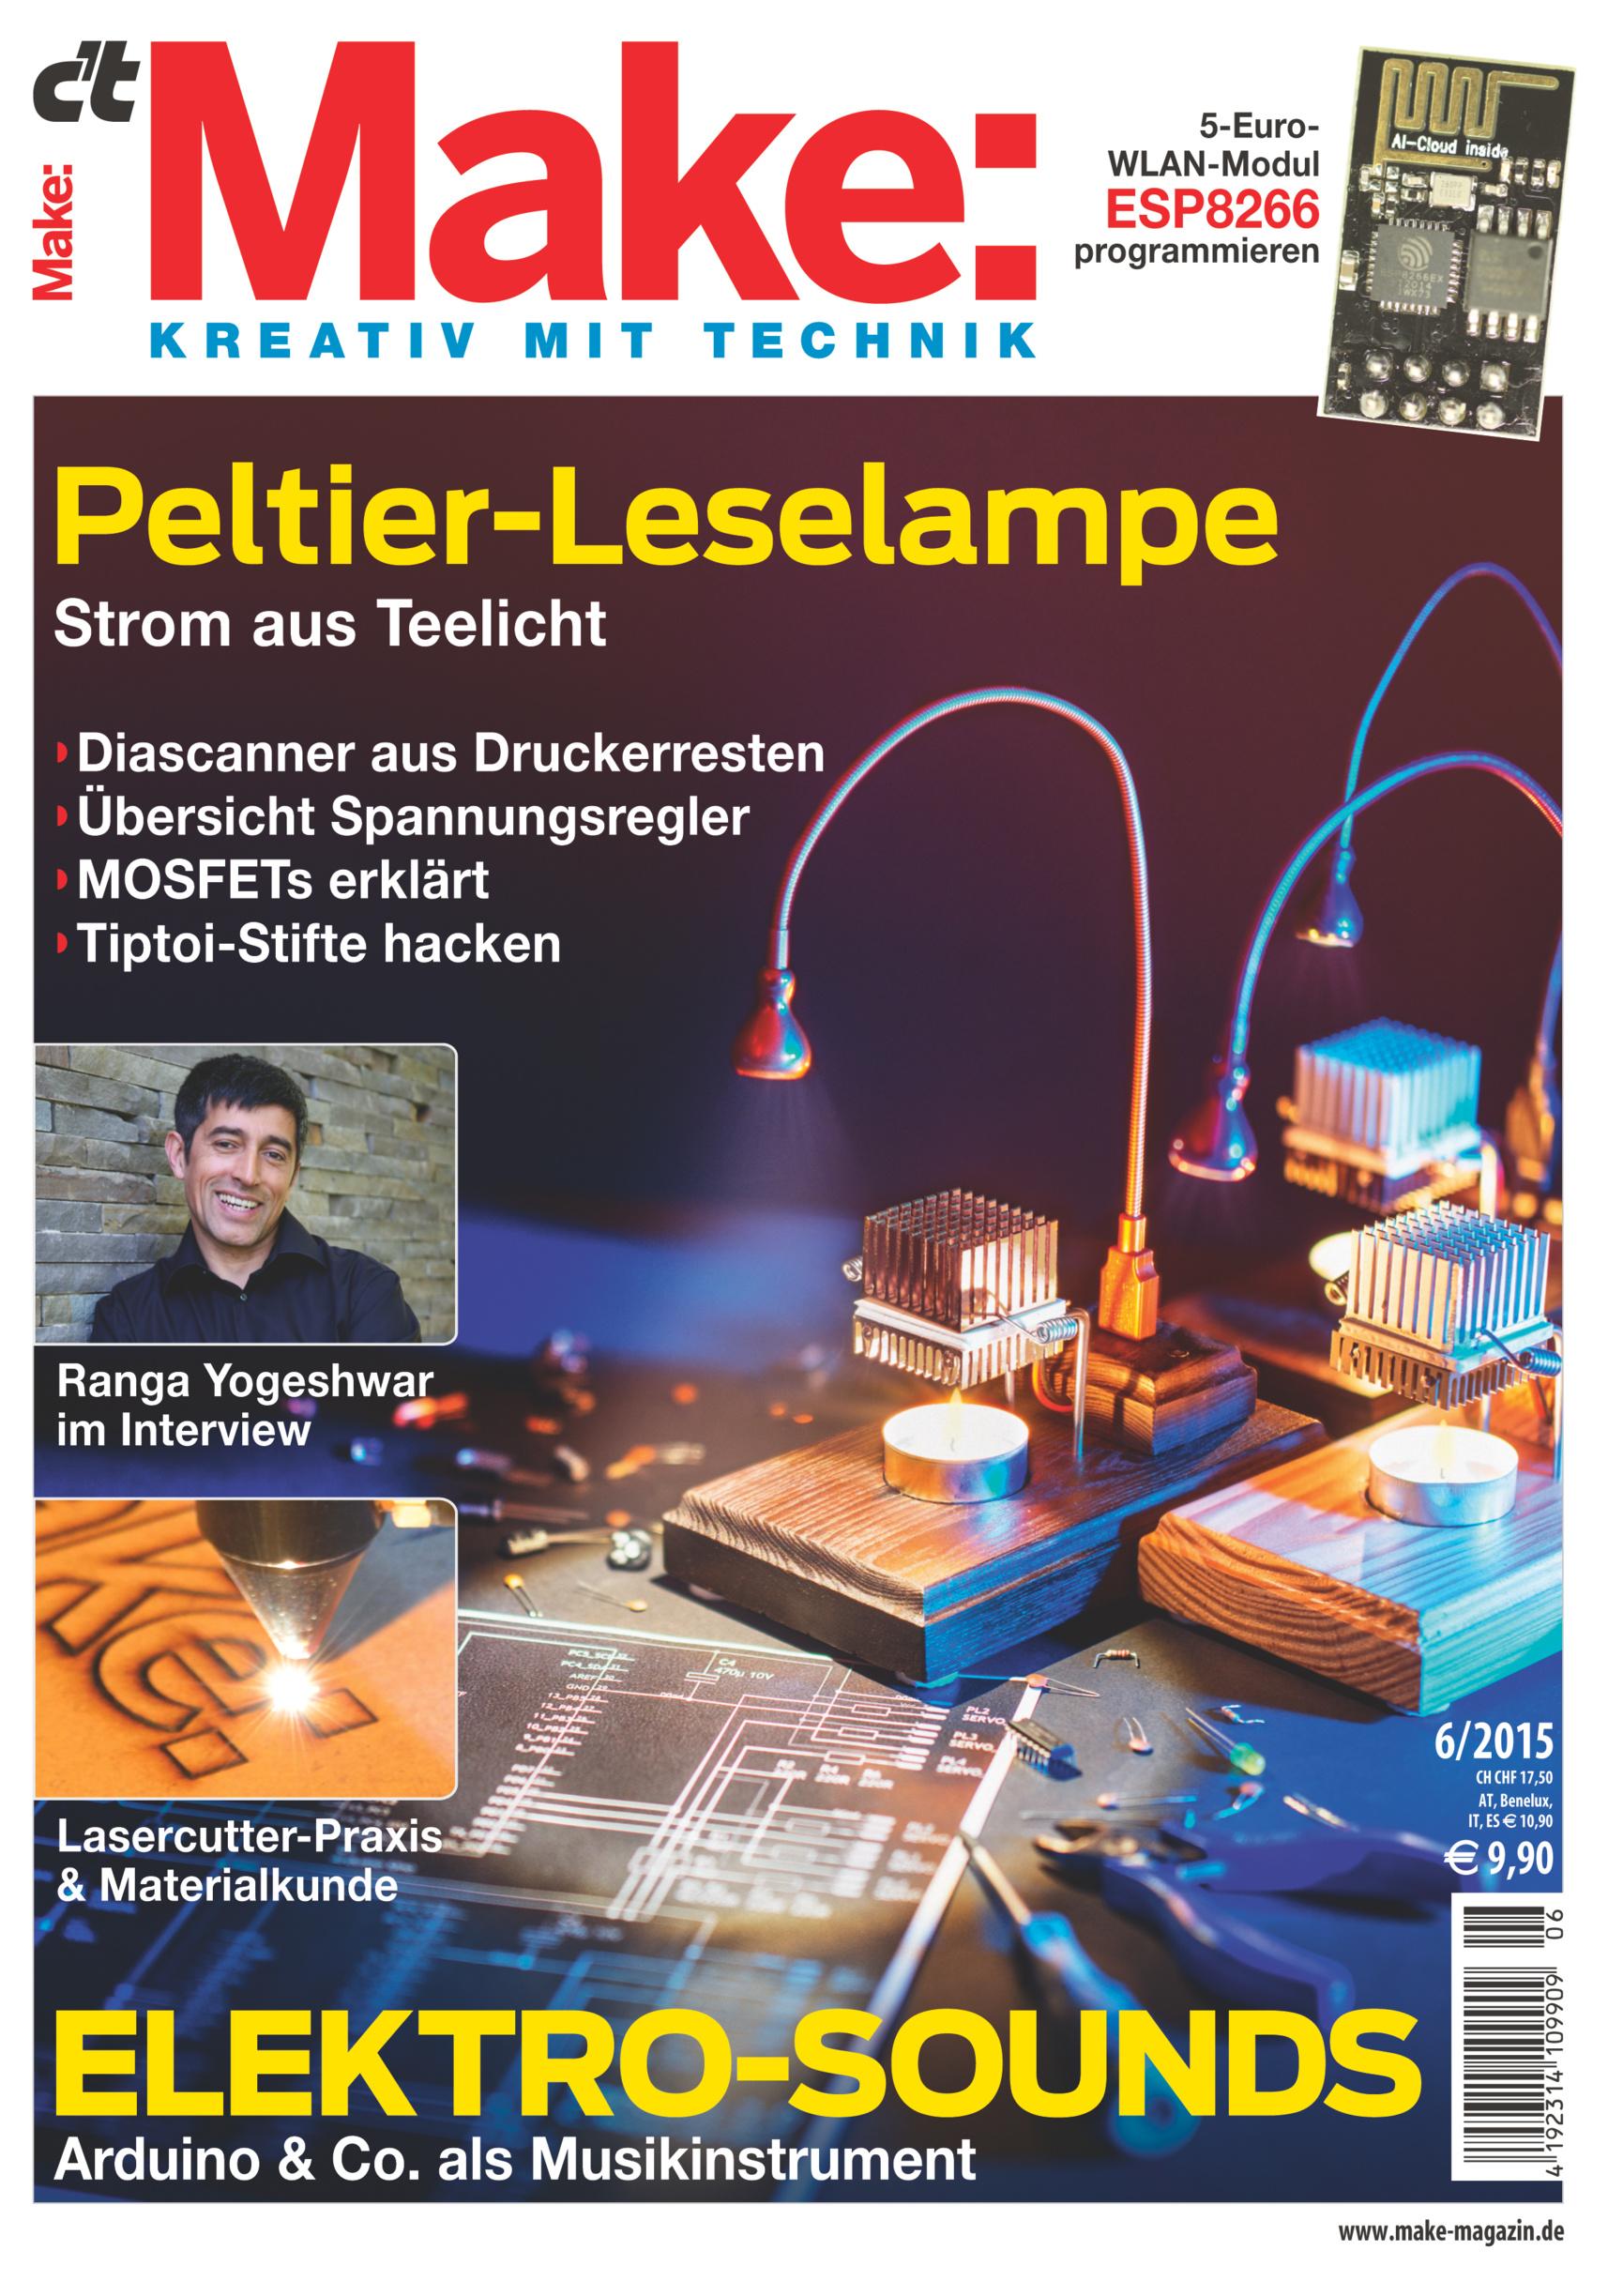 Großartig Verdrahtete Zeitschrift Uk Bilder - Der Schaltplan ...